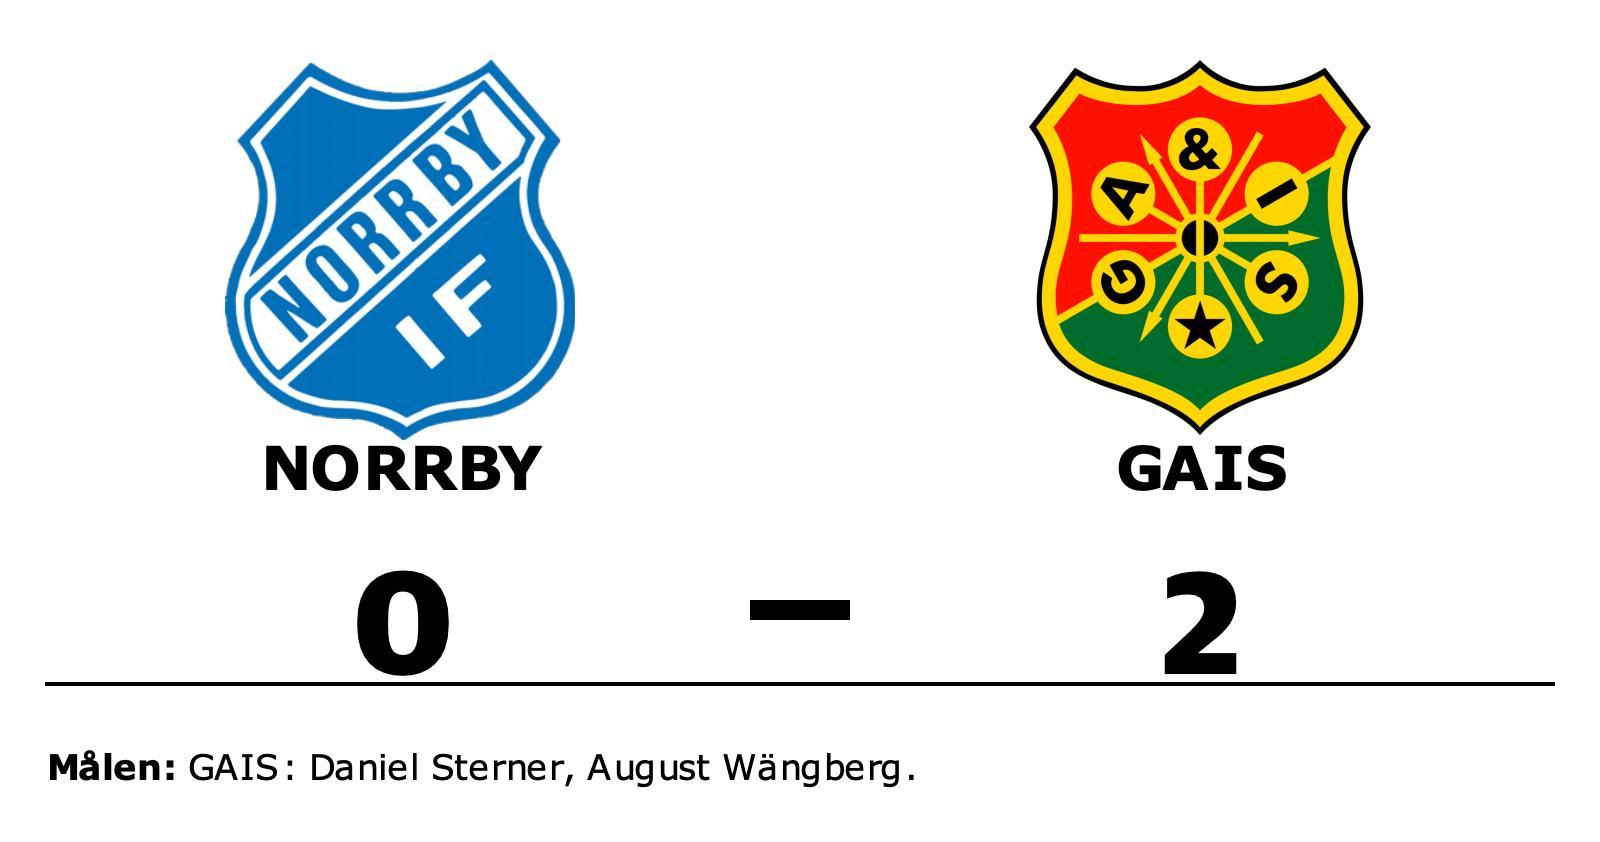 GAIS:s Daniel Sterner och August Wängberg sänkte Norrby